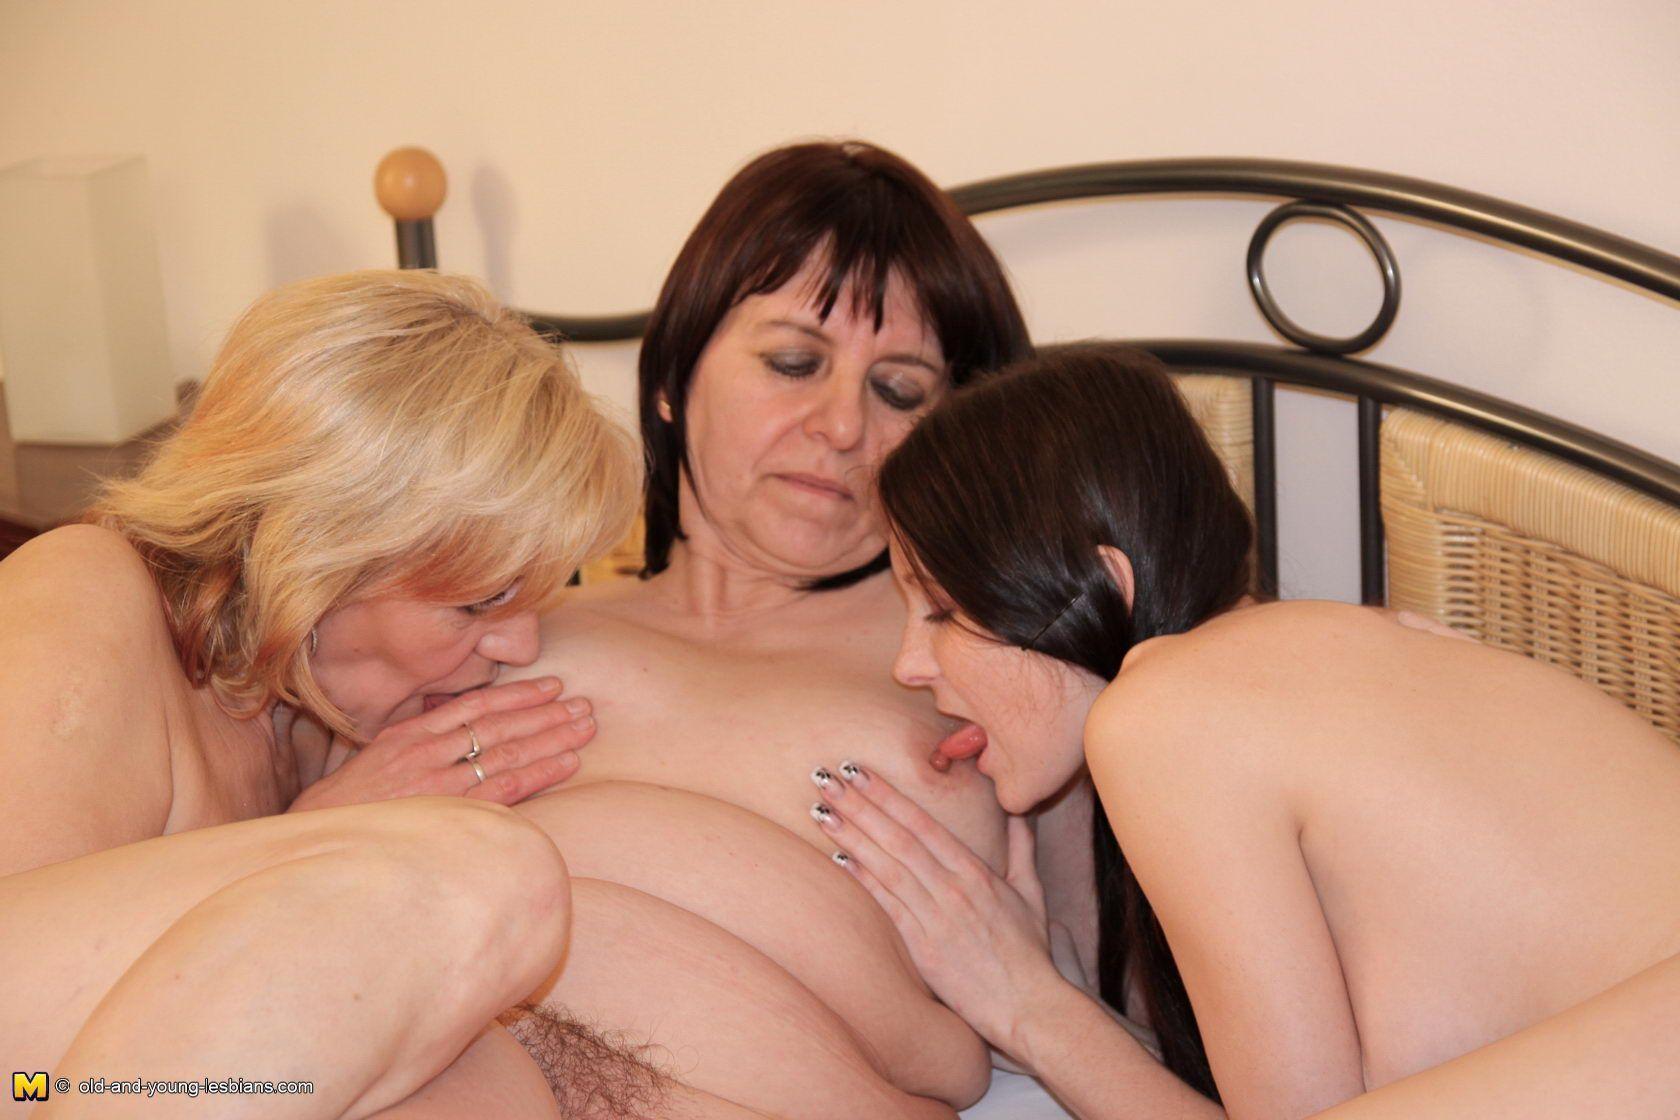 Pictures of older women young sluts having sex